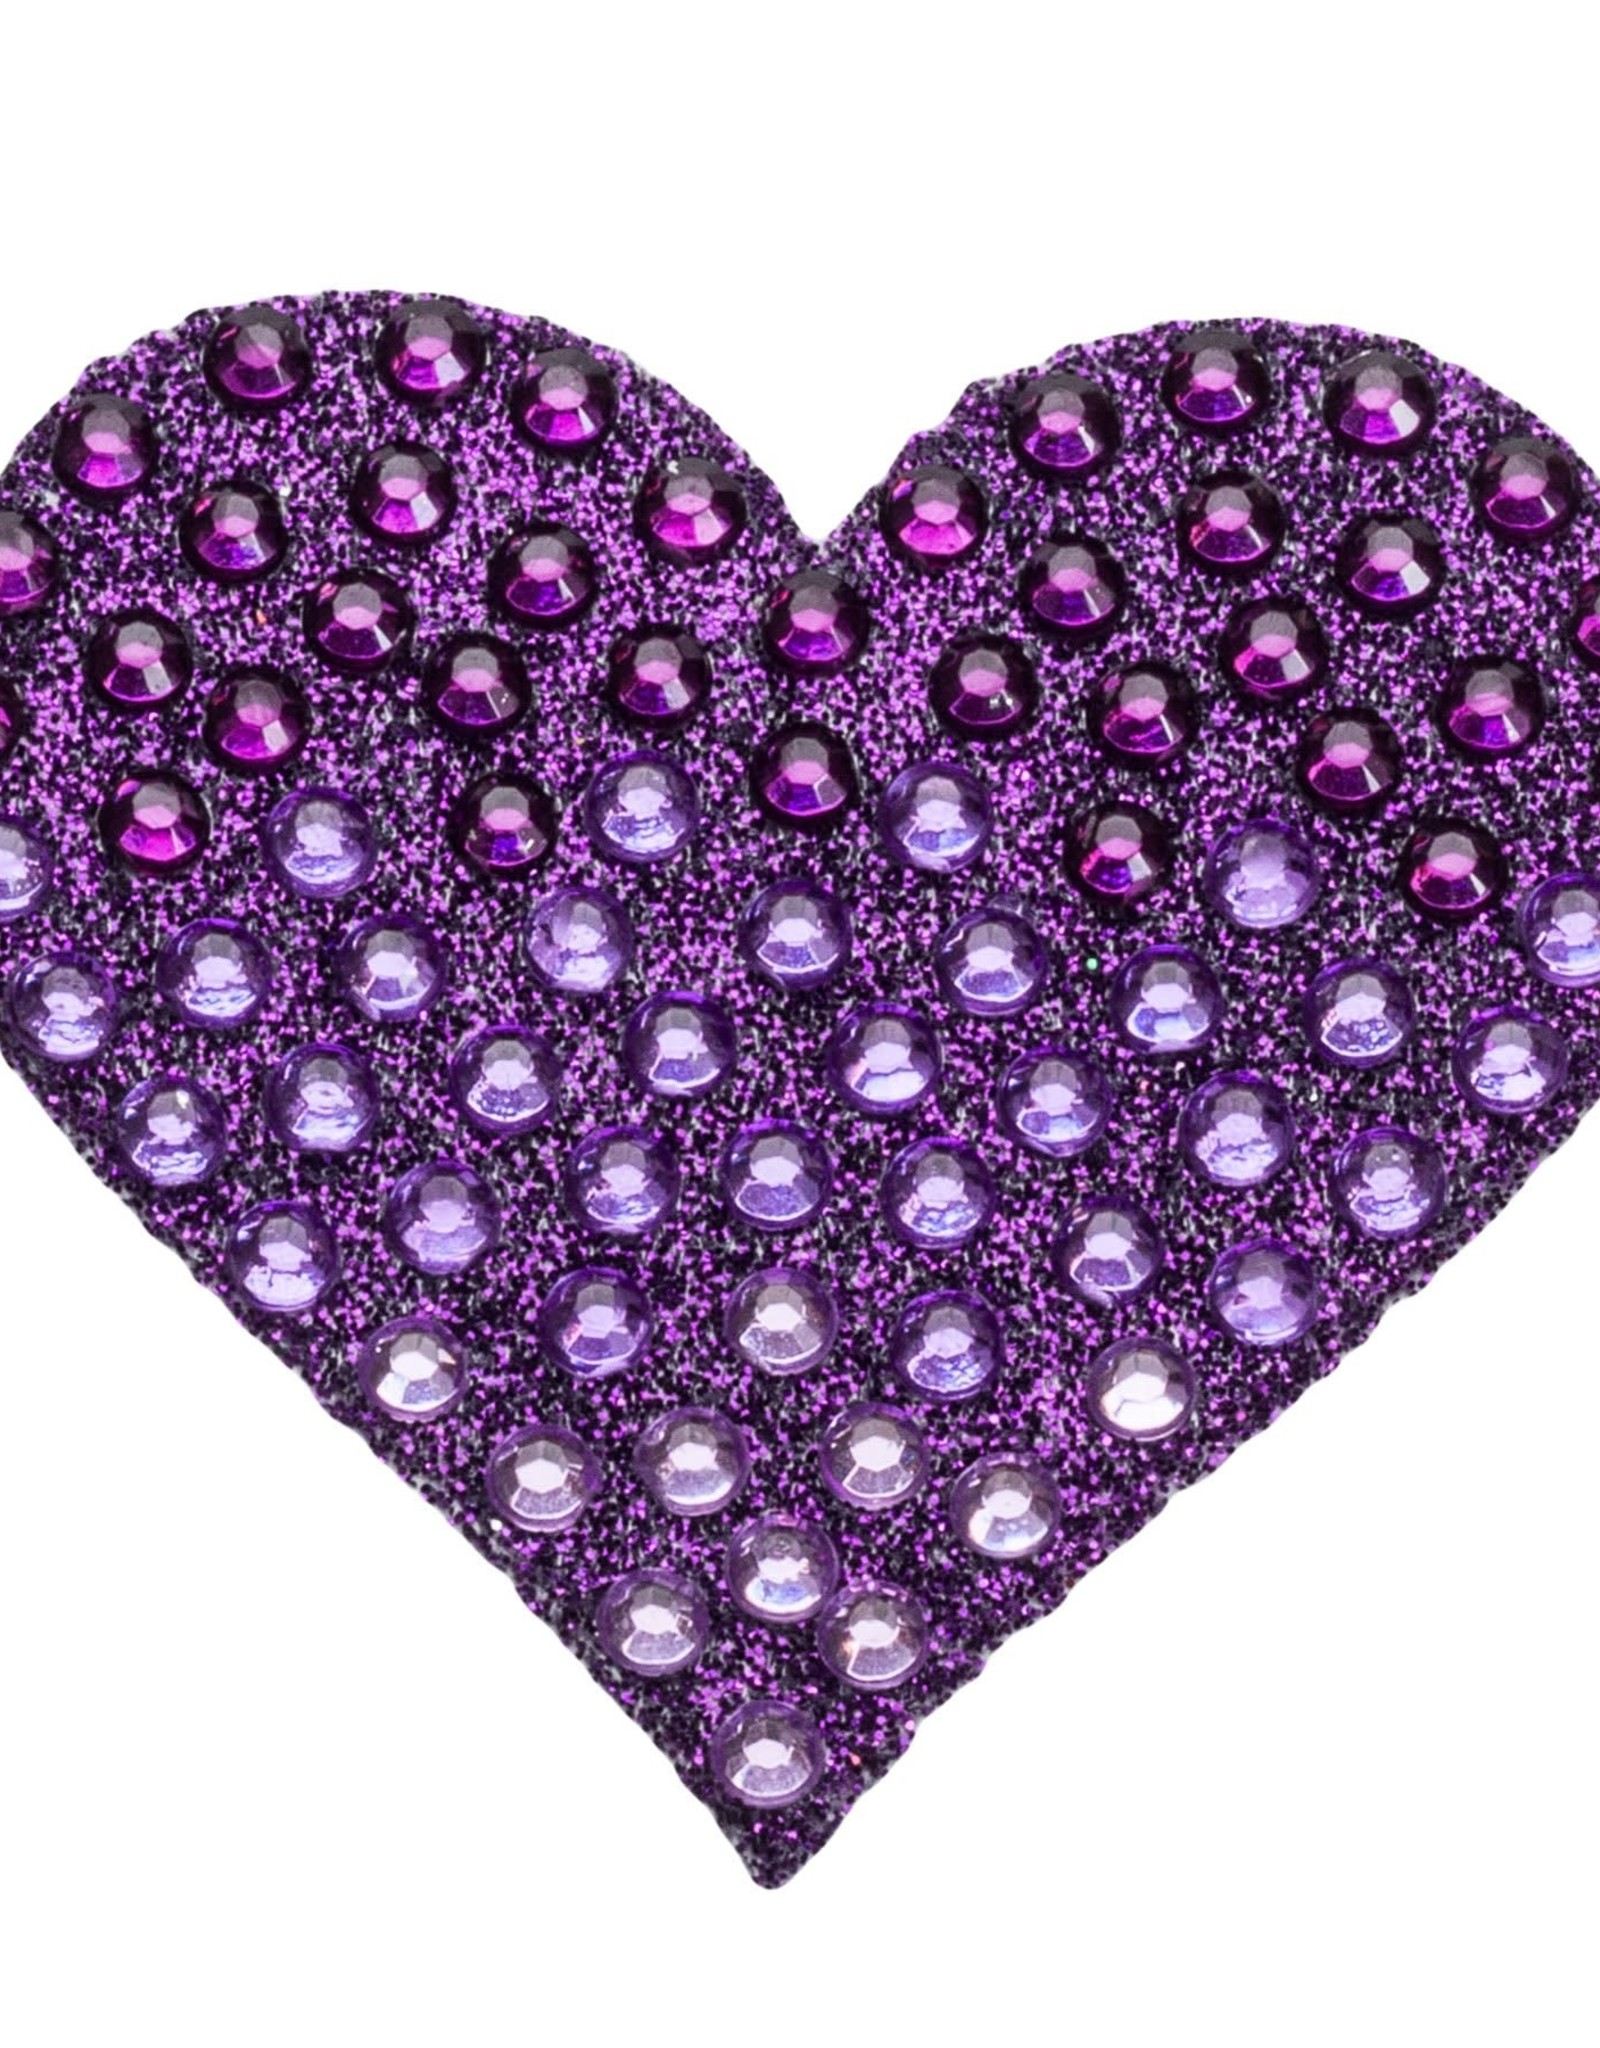 Sticker Beans Sticker Beans Purple Ombre Heart